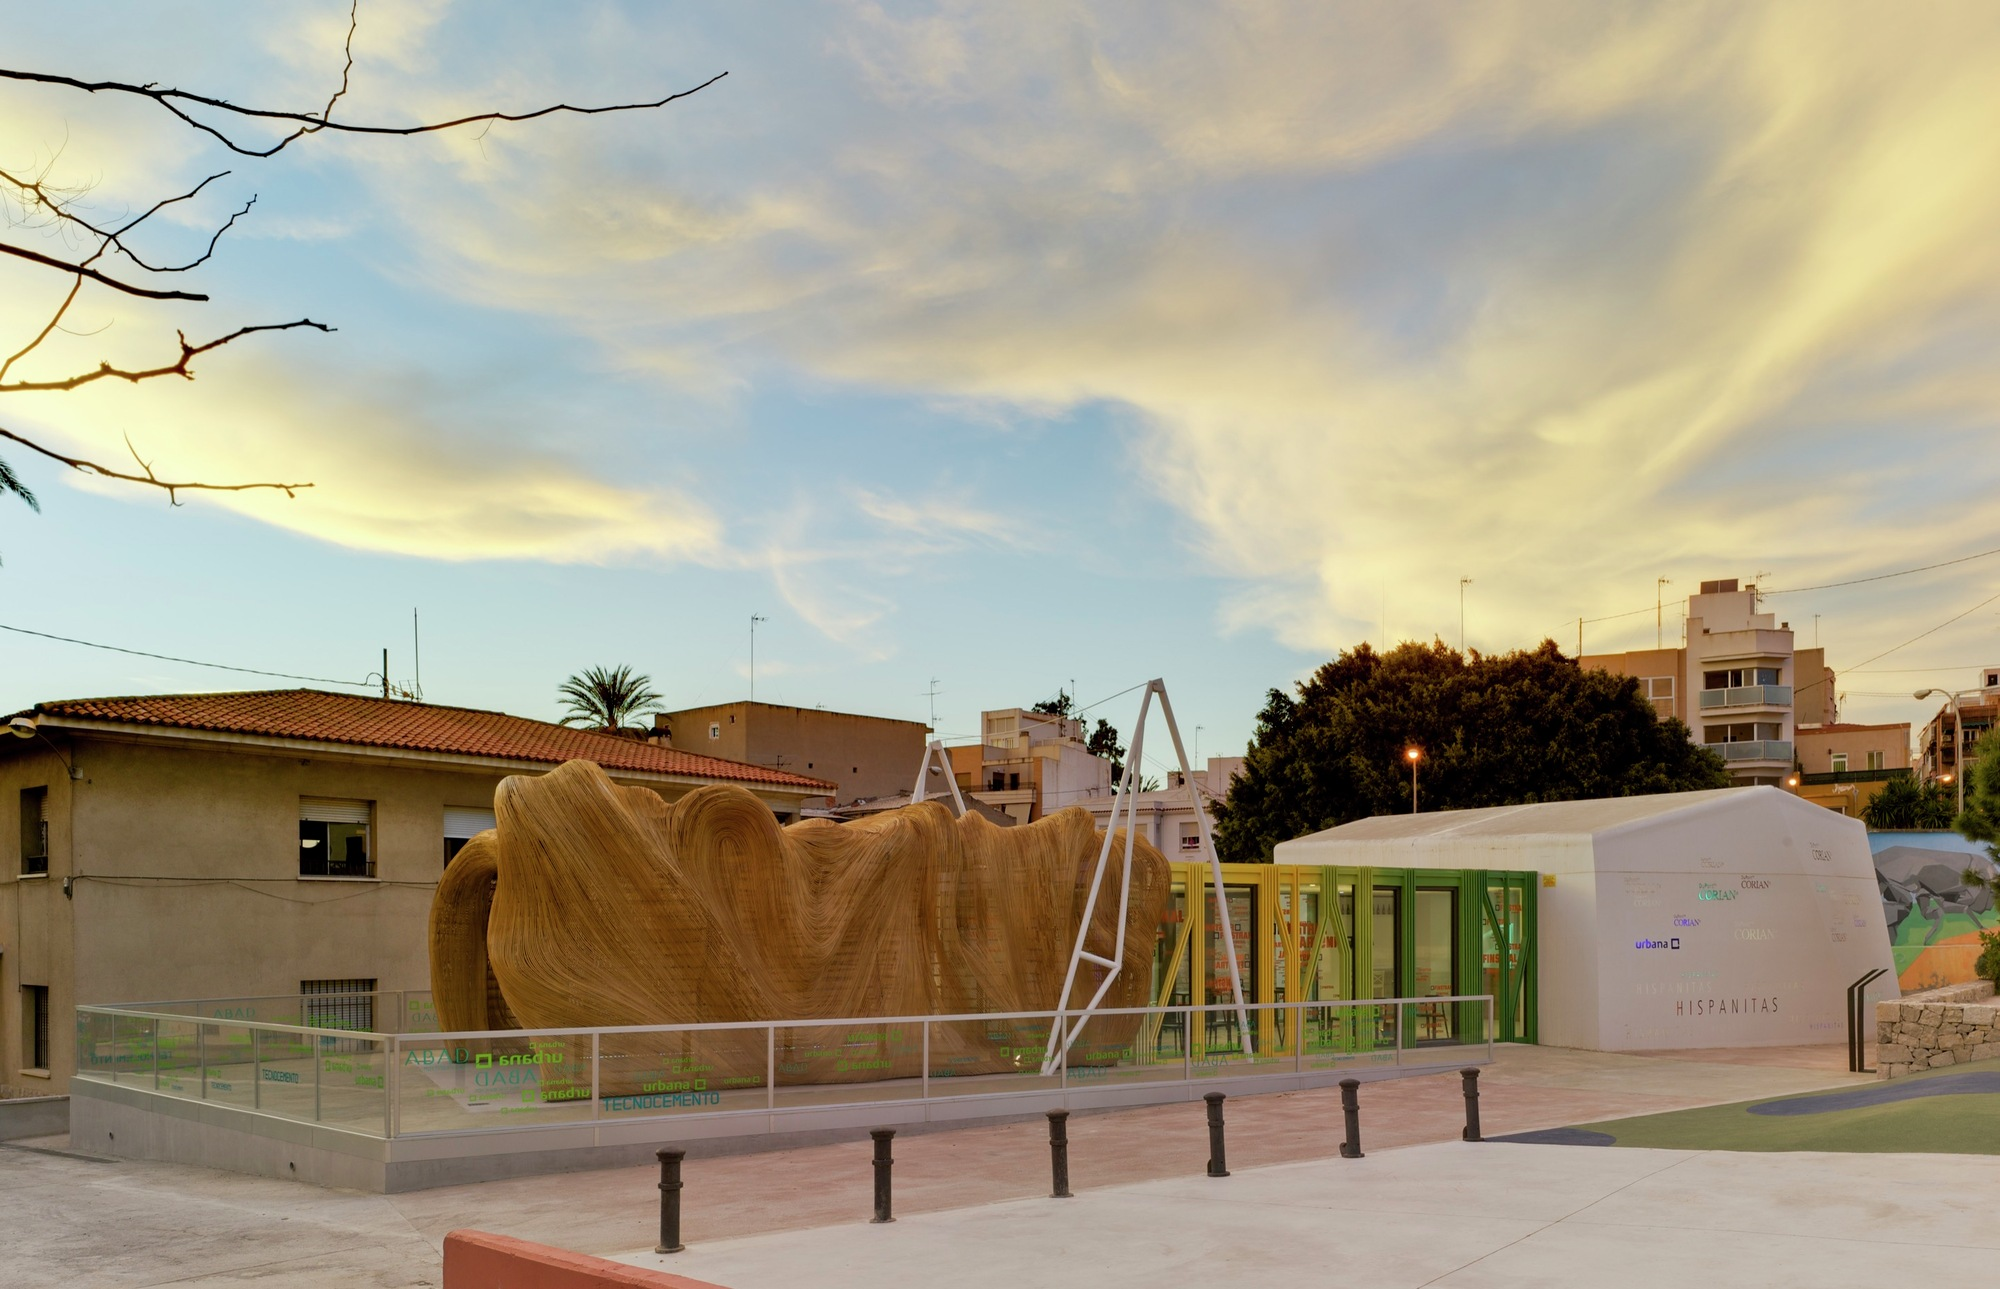 Gallery of las cigarreras de alicante cultural space tom s amat estudio de arquitectura 13 - Estudio arquitectura alicante ...